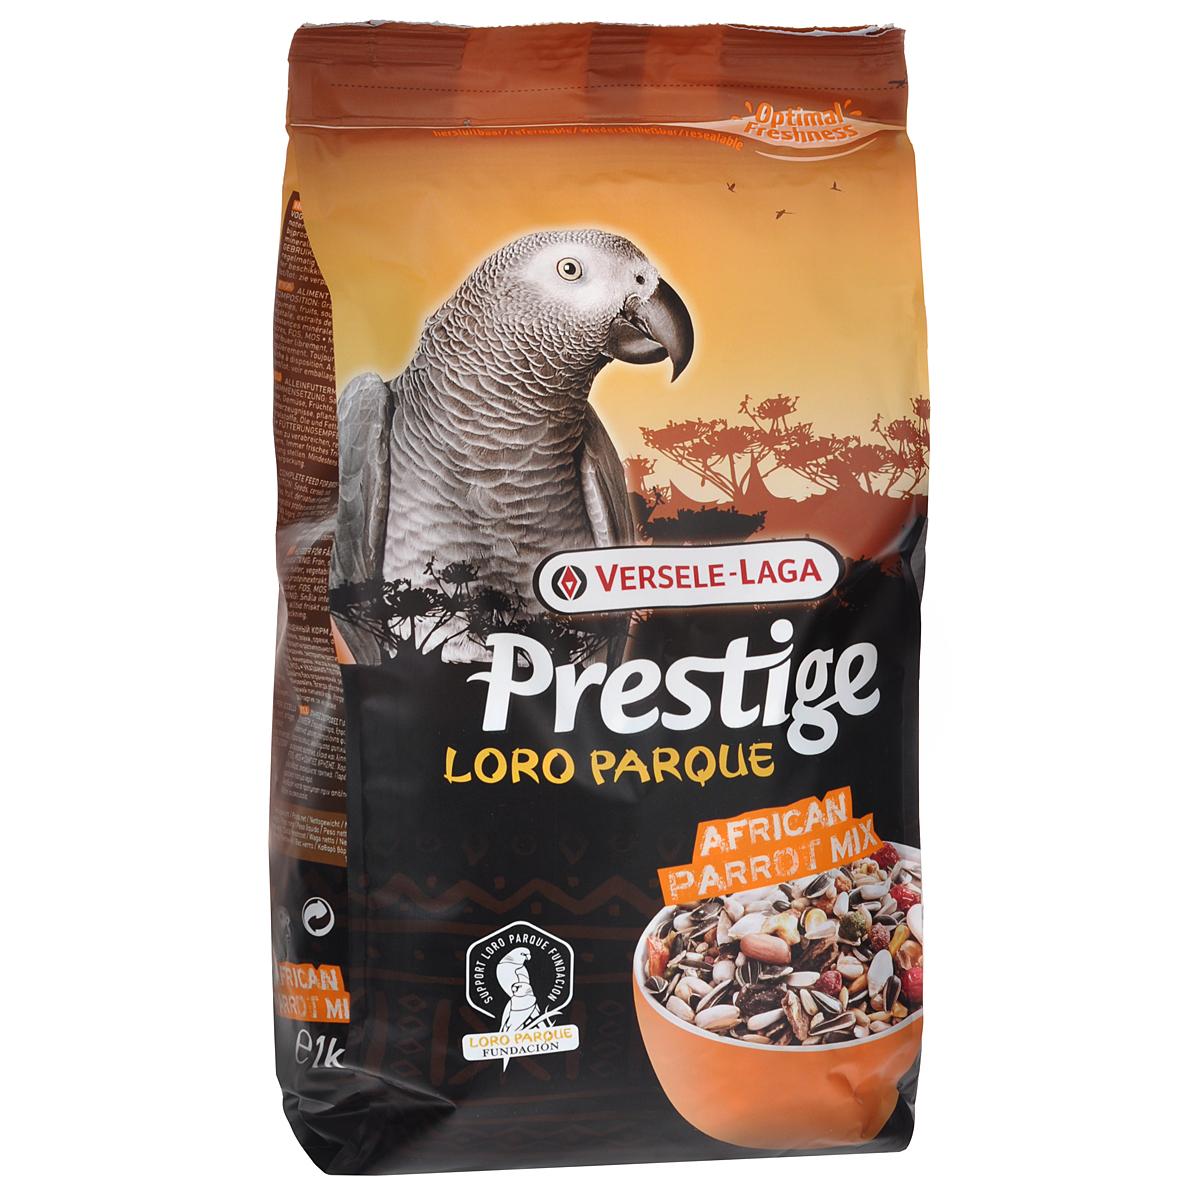 Корм для крупных попугаев Versele-Lago African Parrot Loro Parque Mix, 1 кг0120710Смесь Versele-Lago African Parrot Loro Parque Mix для крупных попугаев - это обогащенная зерновая смесь с дополнительными питательными веществами, разработанная специально для африканских крупных попугаев, таких как африканский серый попугай, жардин и сенегальский попугай. Все смеси серии Prestige Premium Loro Parque приготовлены из различных семян и зерен и содержат вкусные для попугаев кусочки, такие как воздушные зерна, семена тыквы, шиповник, сушеный перец и кедровые орешки. Этот основной высококачественный корм с низким содержанием жира обогащен 8% гранул Maxi ВAM, обеспечивающими дополнительный запас витаминов, аминокислот и минералов. Данная смесь адаптирована под потребности попугаев, ее состав разрабатывался совместно с научно-исследовательской группой Loro Parque. Смесь применяется в качестве основного корма для всех попугаев ара. После успешного опыта применения в известном Loro Parque (в Тенерифе), данная смесь стала доступна для всех владельцев попугаев в любом уголке земли. Versele-Laga поддерживает фонд Loro Parque Fundacion в стремлении сохранить вымирающие виды птиц и их среду обитания. Приобретая данную продукцию, вы помогаете фонду Loro Parque Fundacion защищать природу.Состав: семена подсолнечника полосатого, белые семена подсолнечника, гранулы Maxi ВAM, гречиха, остроконечный овес, семена сафлора, кукуруза, пшеница, семена тыквы очищенные, очищенный арахис, орехи сосны, семена конопли, ракушки устриц, воздушная кукуруза, шиповник, воздушная пшеница, красный перец, сорго, белое просо, канареечное семя, дари, рожковое дерево, ячмень, рис-сырец.Анализ состава: белки 14%, жиры 15,5%, клетчатка 14,5%, зола 5%, кальций 0,95%, фосфор 0,38%, лизин 4450 мг/кг, метионин 3250 мг/кг, витамин А8000 МЕ/кг, витамин D3 1600 МЕ/кг, витамин E 20 мг/кг.Добавки: витамин B1, витамин B2, витамин B6, витамин B12, витамин C, витамин PP, витамин К, биотин, фолиевая кислота, холин, натрий, 